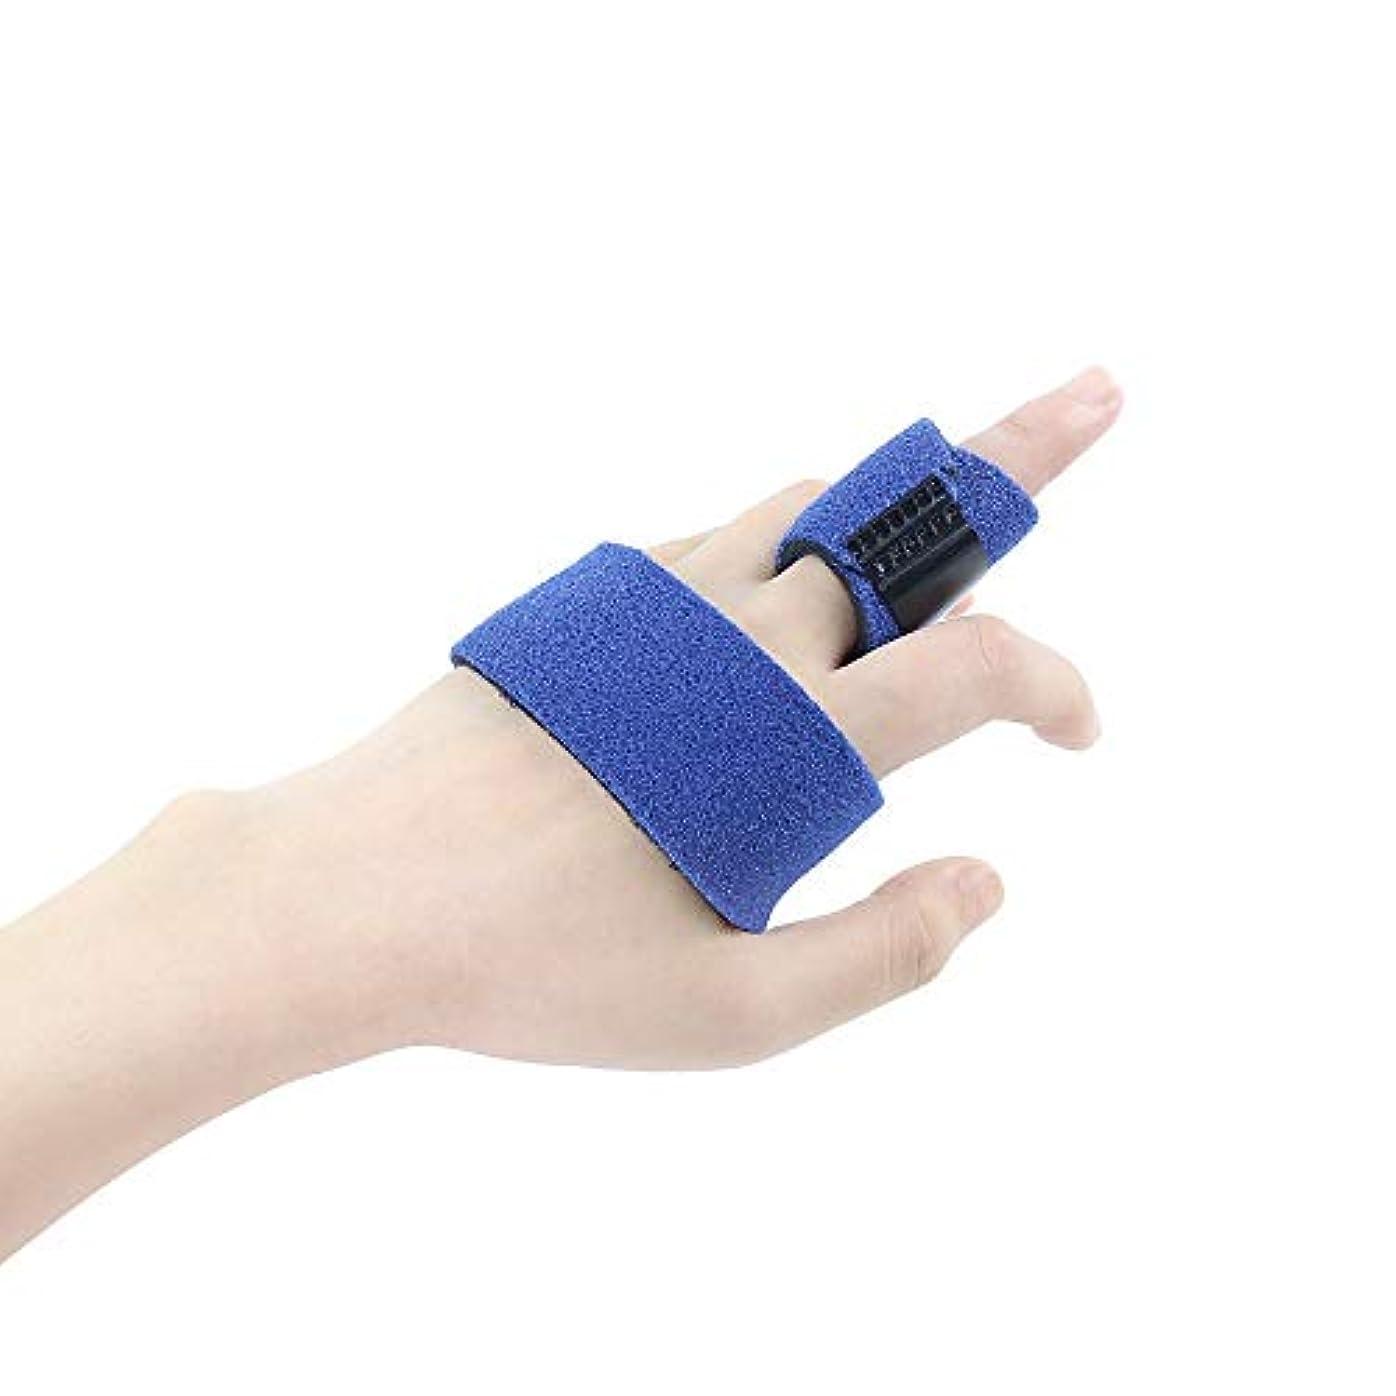 ラリー無秩序ダーリンZYL-YL 五本指骨折捻挫プロテクター親指ブレーススプリントスチールバーのサポート付きフィンガーストラップ (Edition : Right)